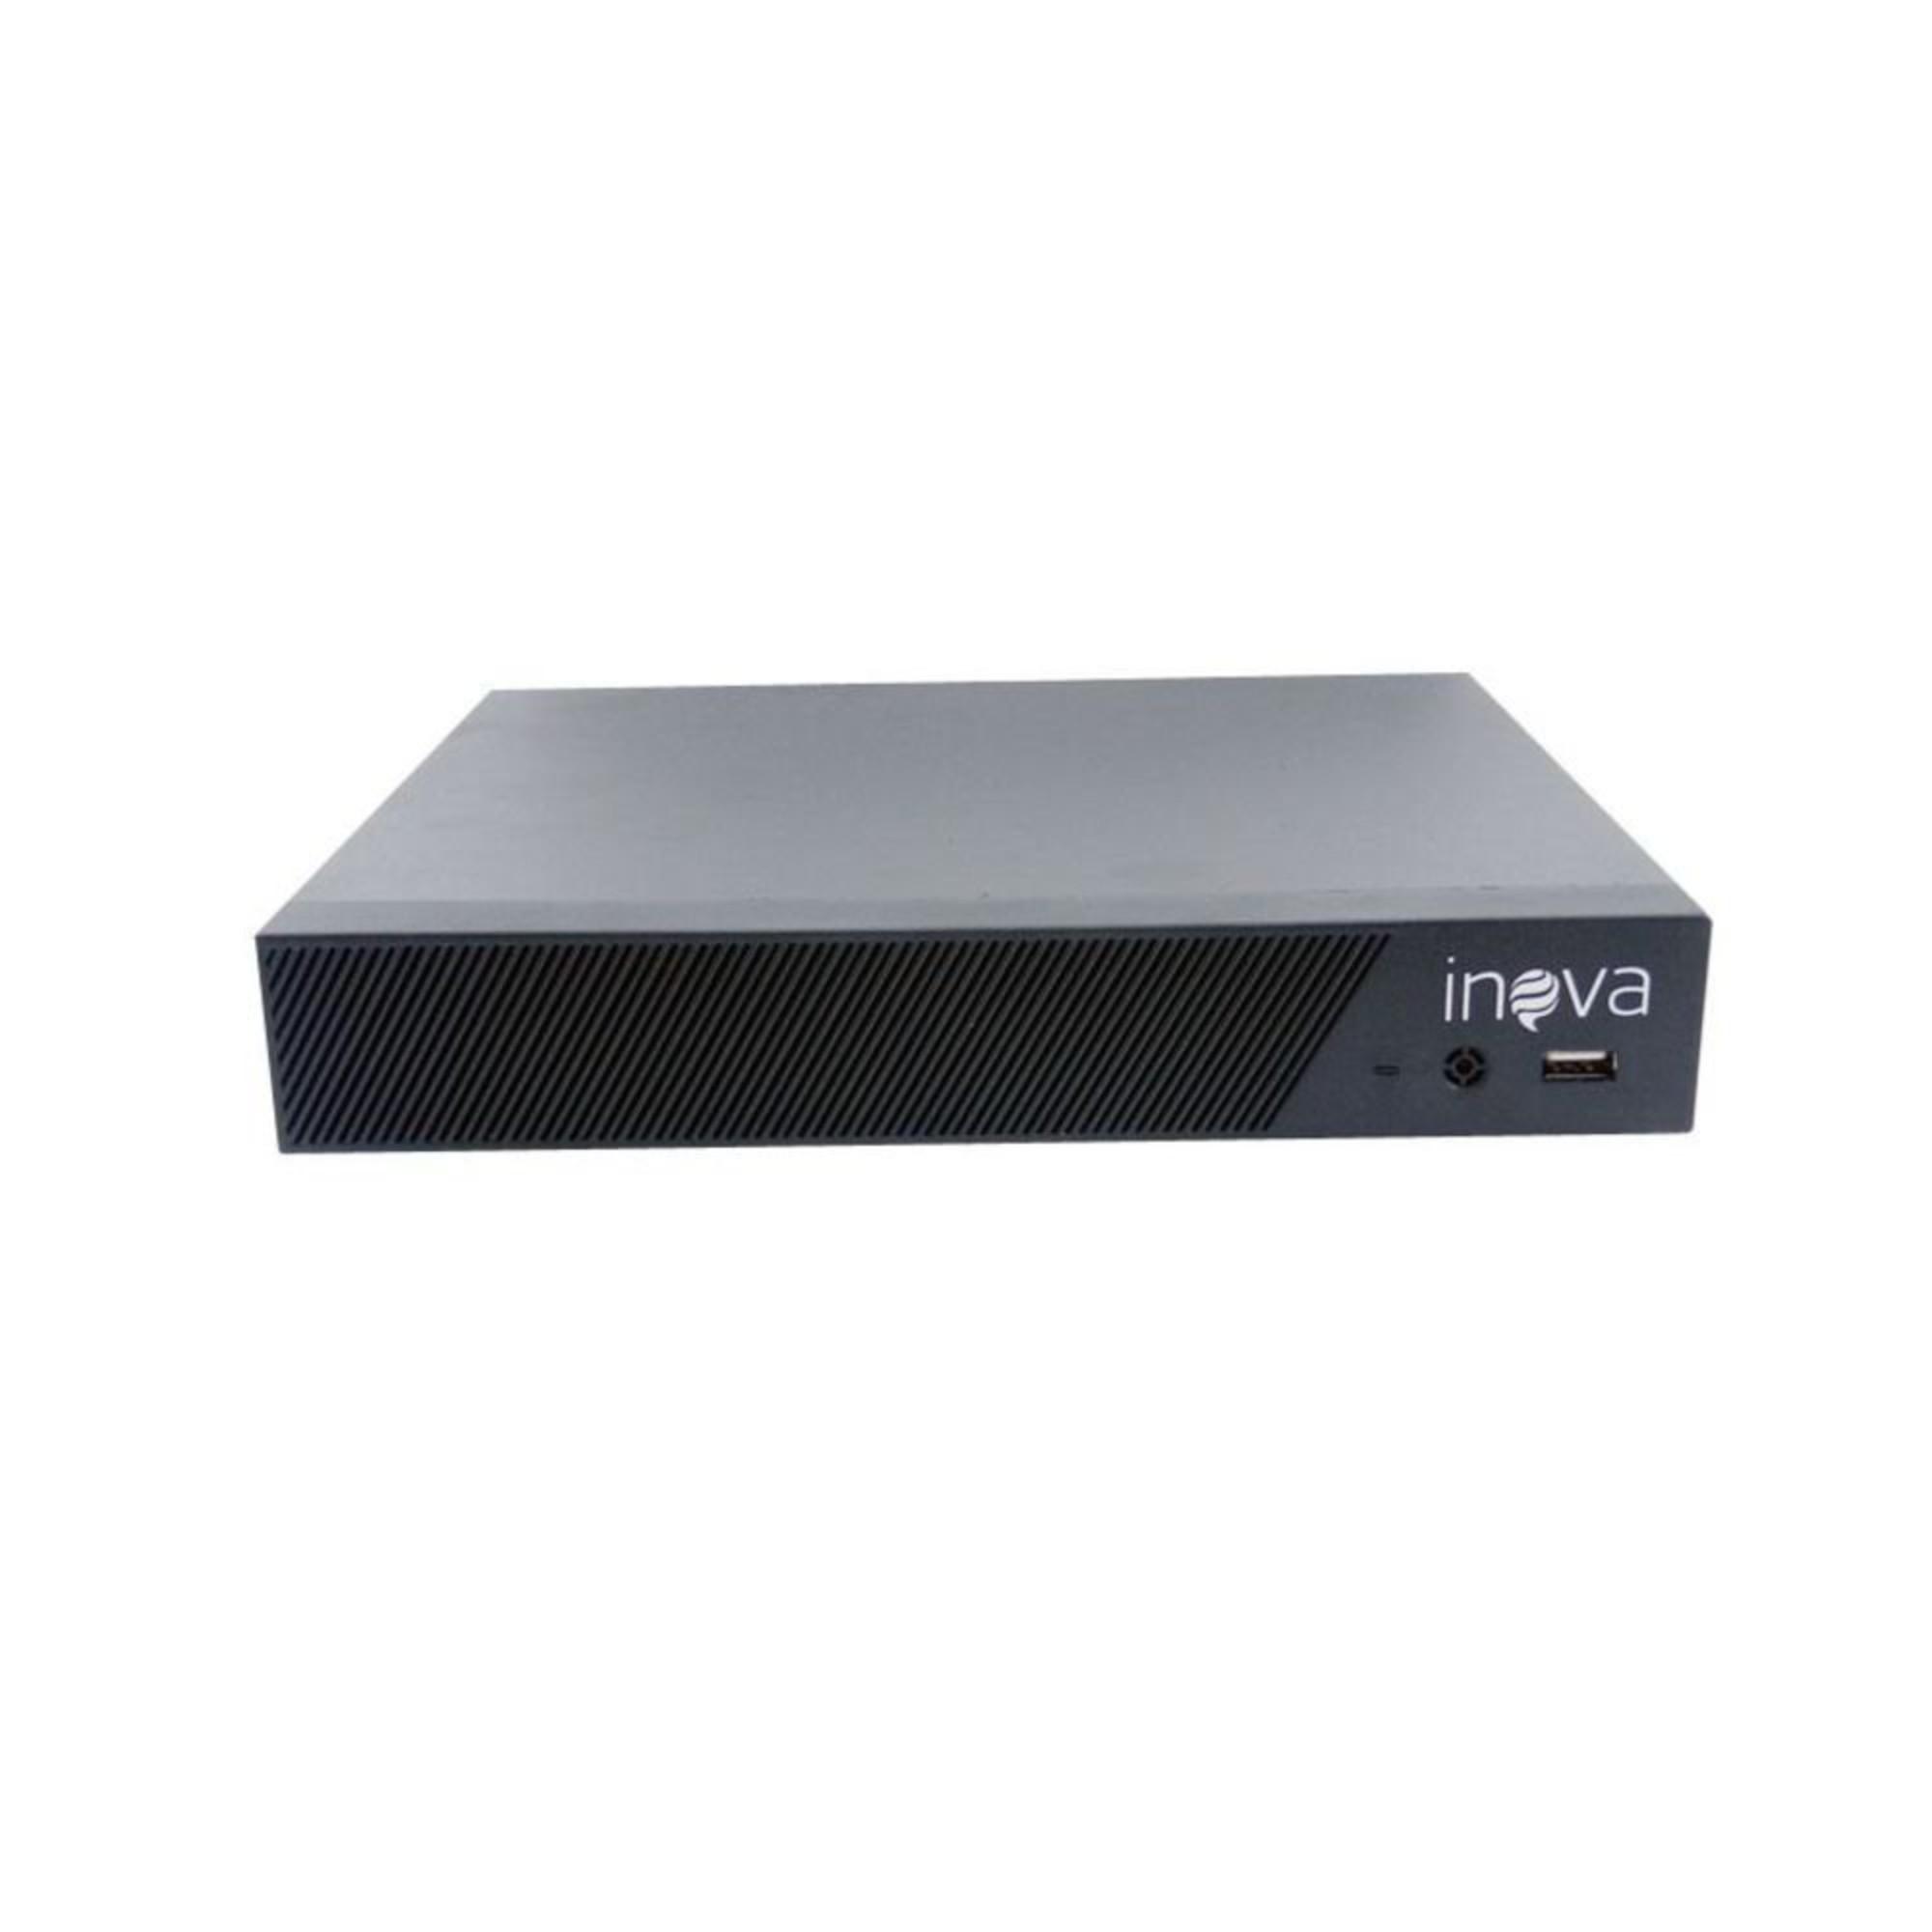 DVR Stand Alone 16 Canais Full HD 5 em 1 Inova